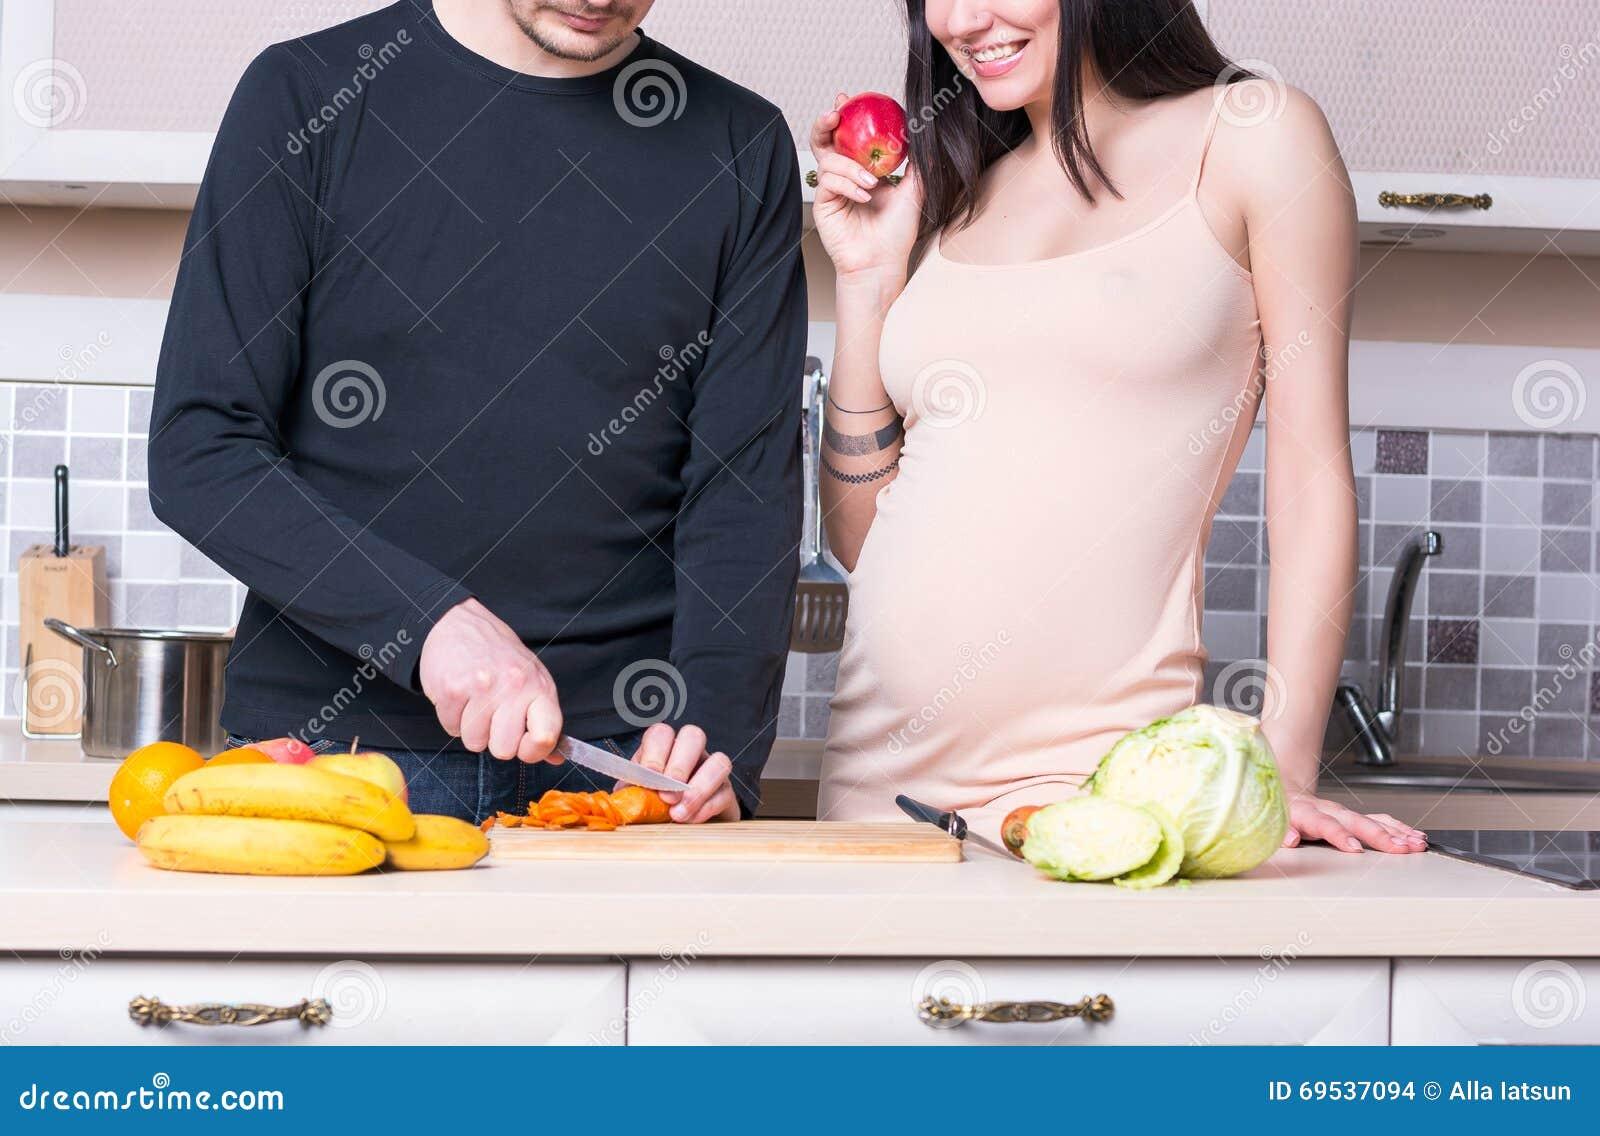 Ouple de ¡ de Ð préparant la nourriture dans la cuisine Femme enceinte